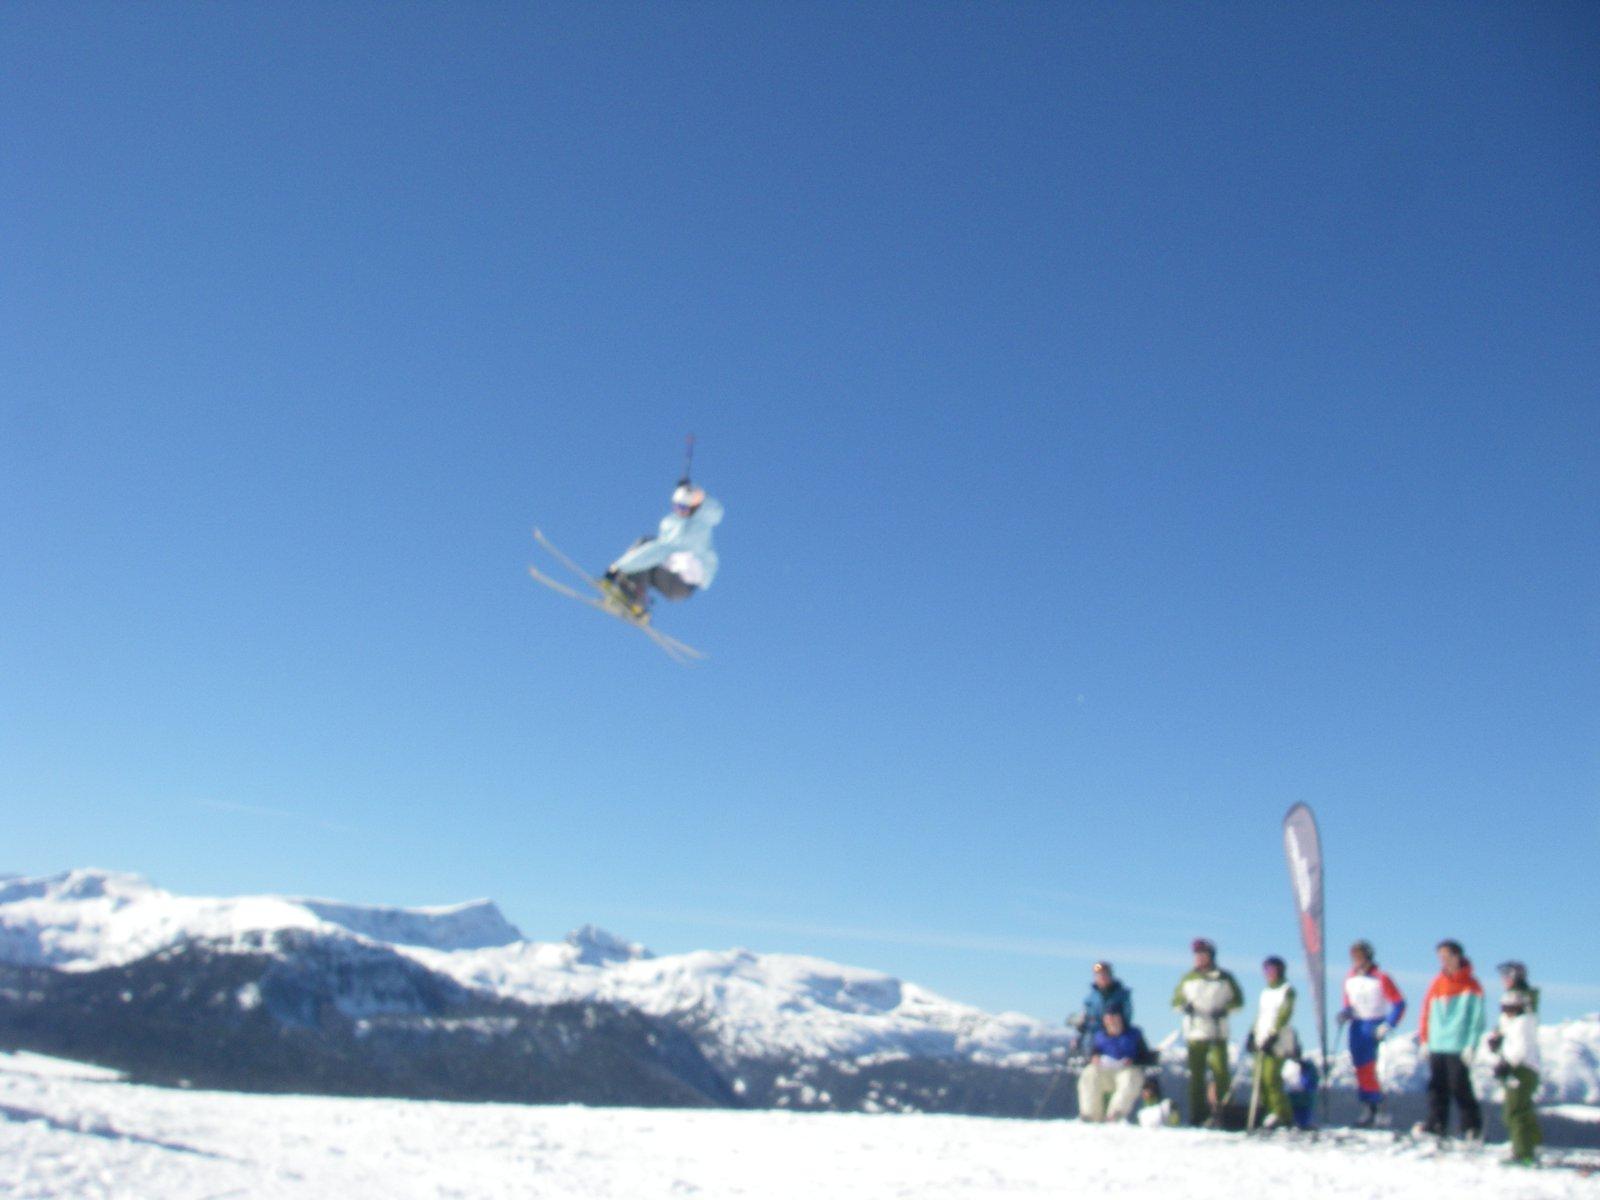 Mount washington slopestyle